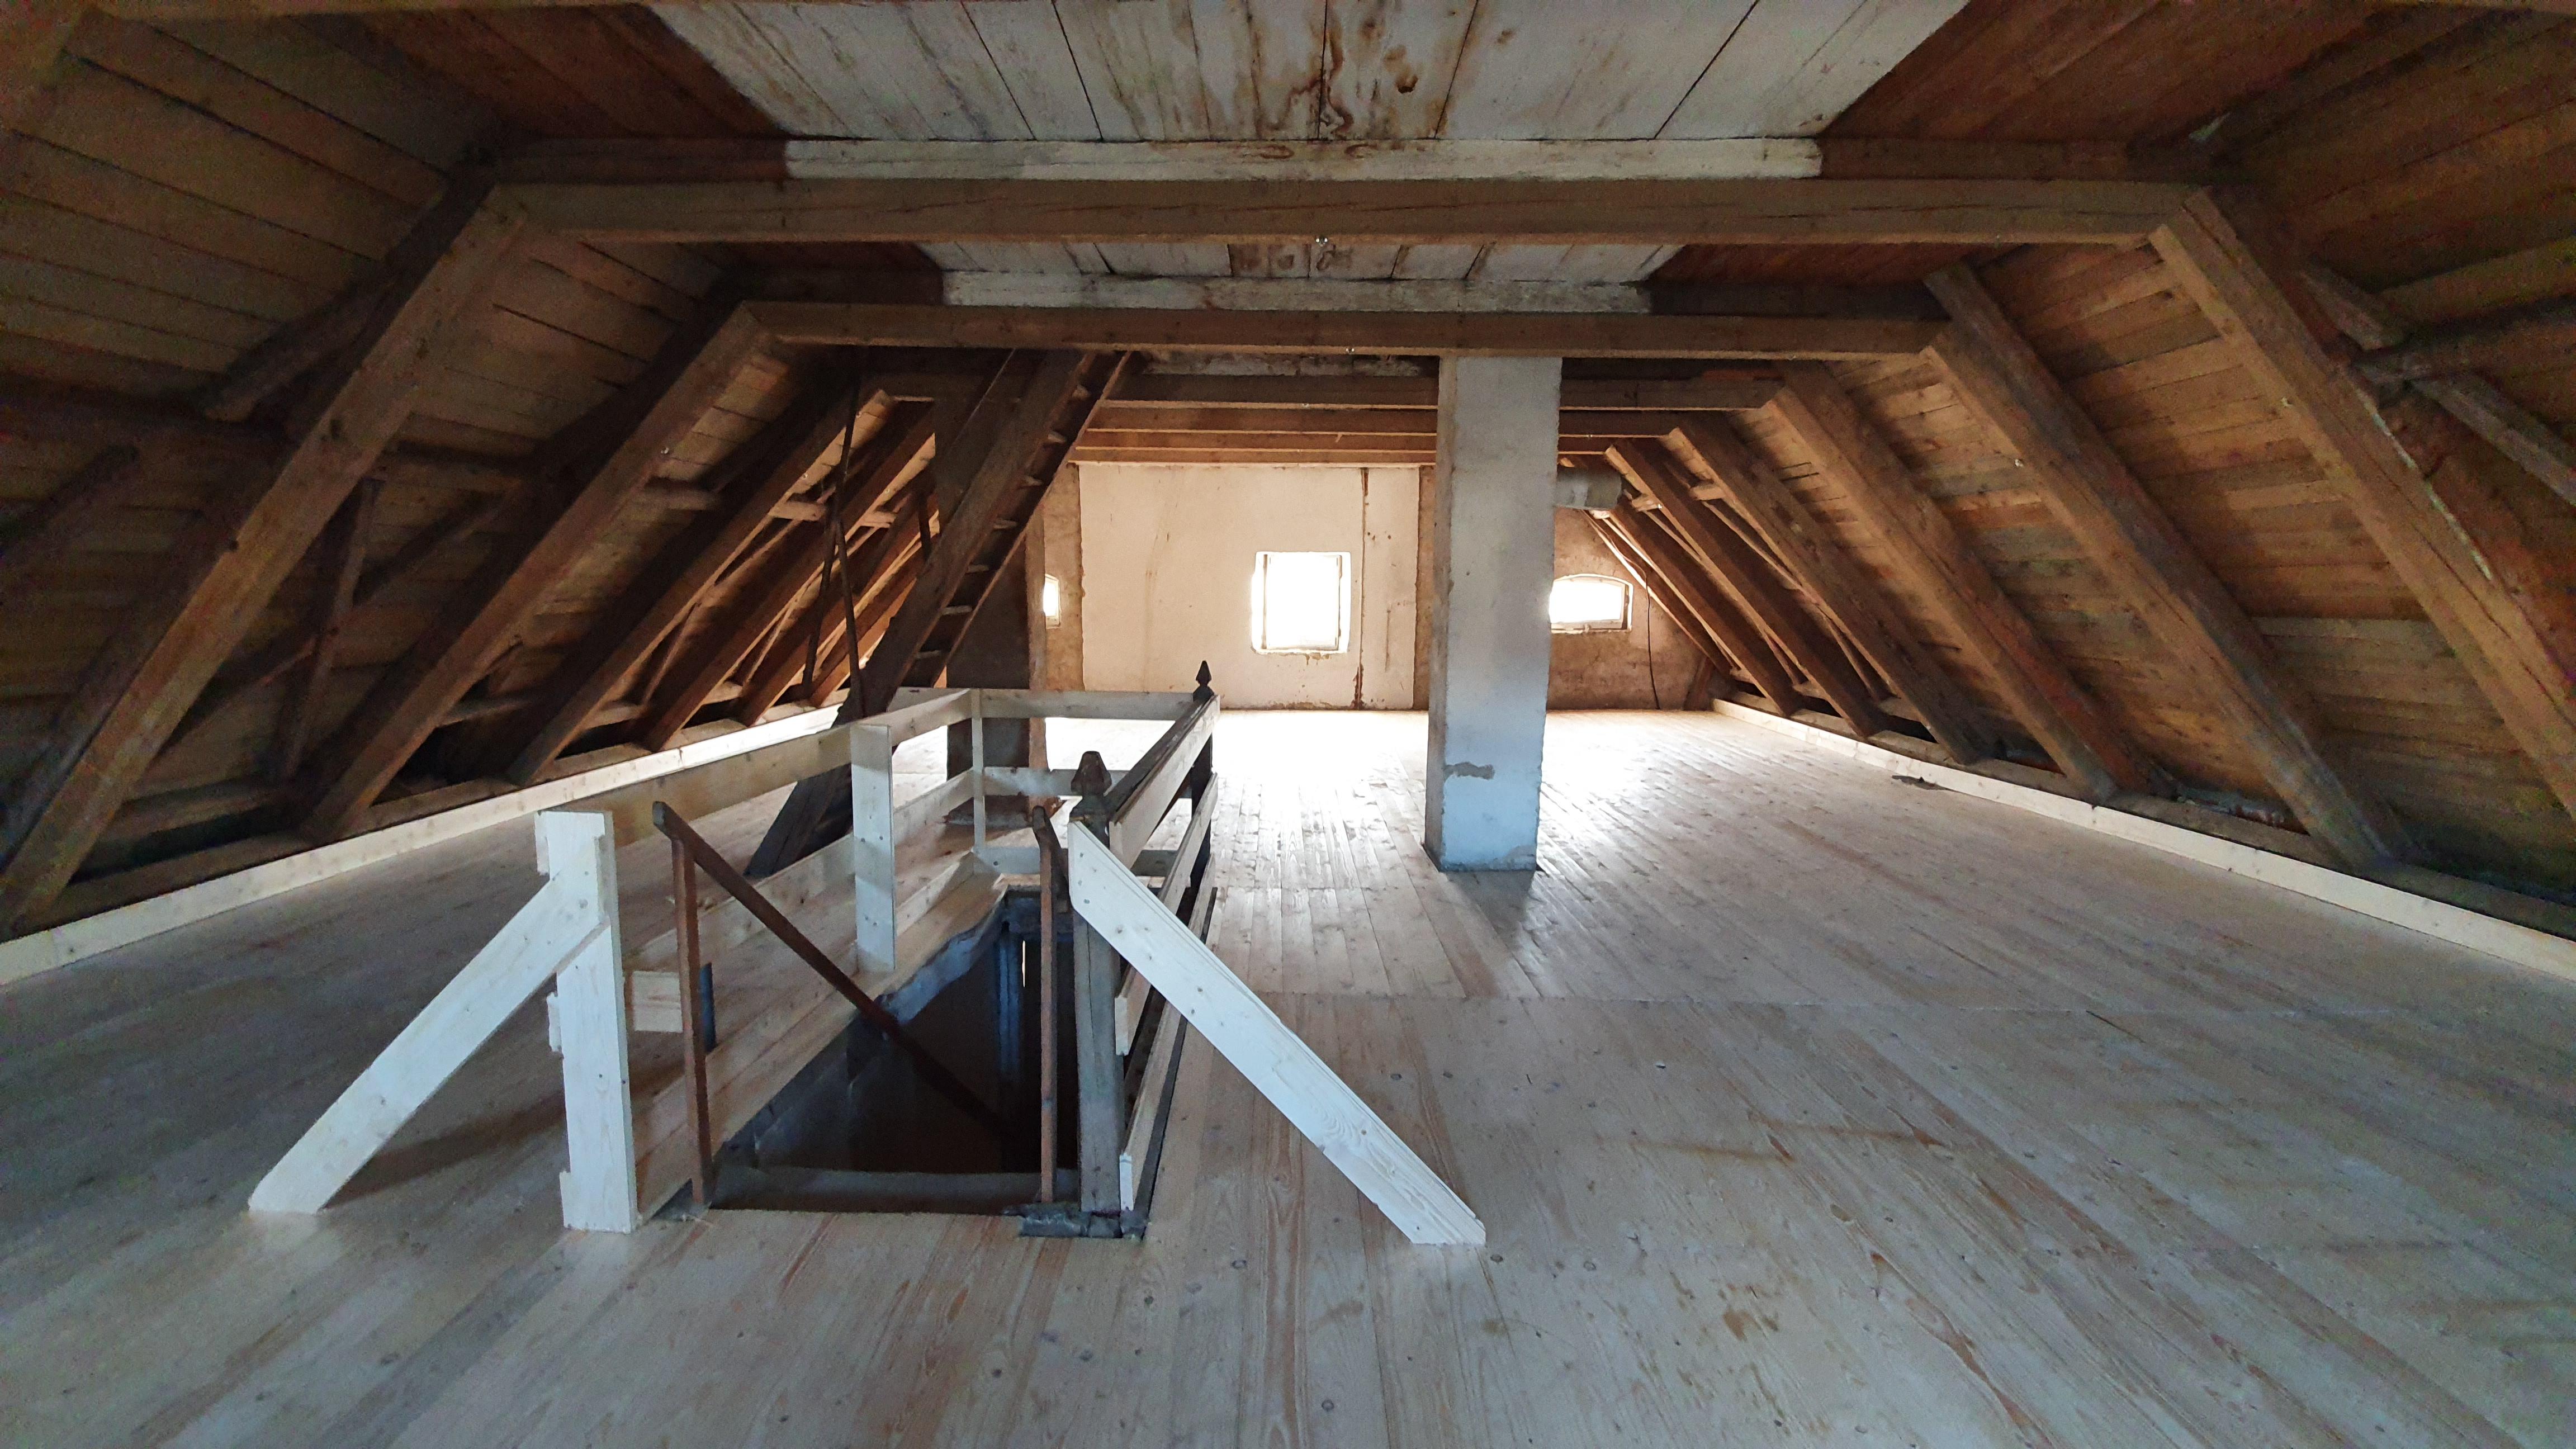 Maßnahmenbeginn Sanierung Pfarrhof Reichersdorf